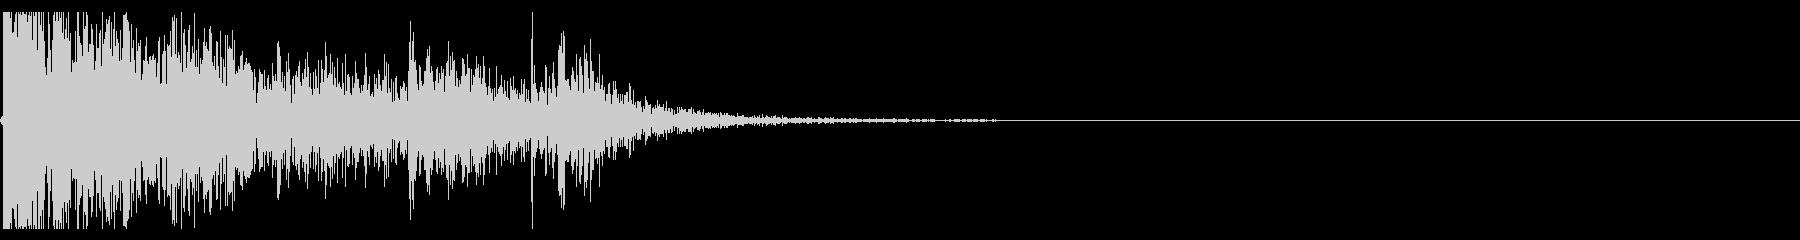 【生録音】ブリキのバケツの音 学校 3の未再生の波形